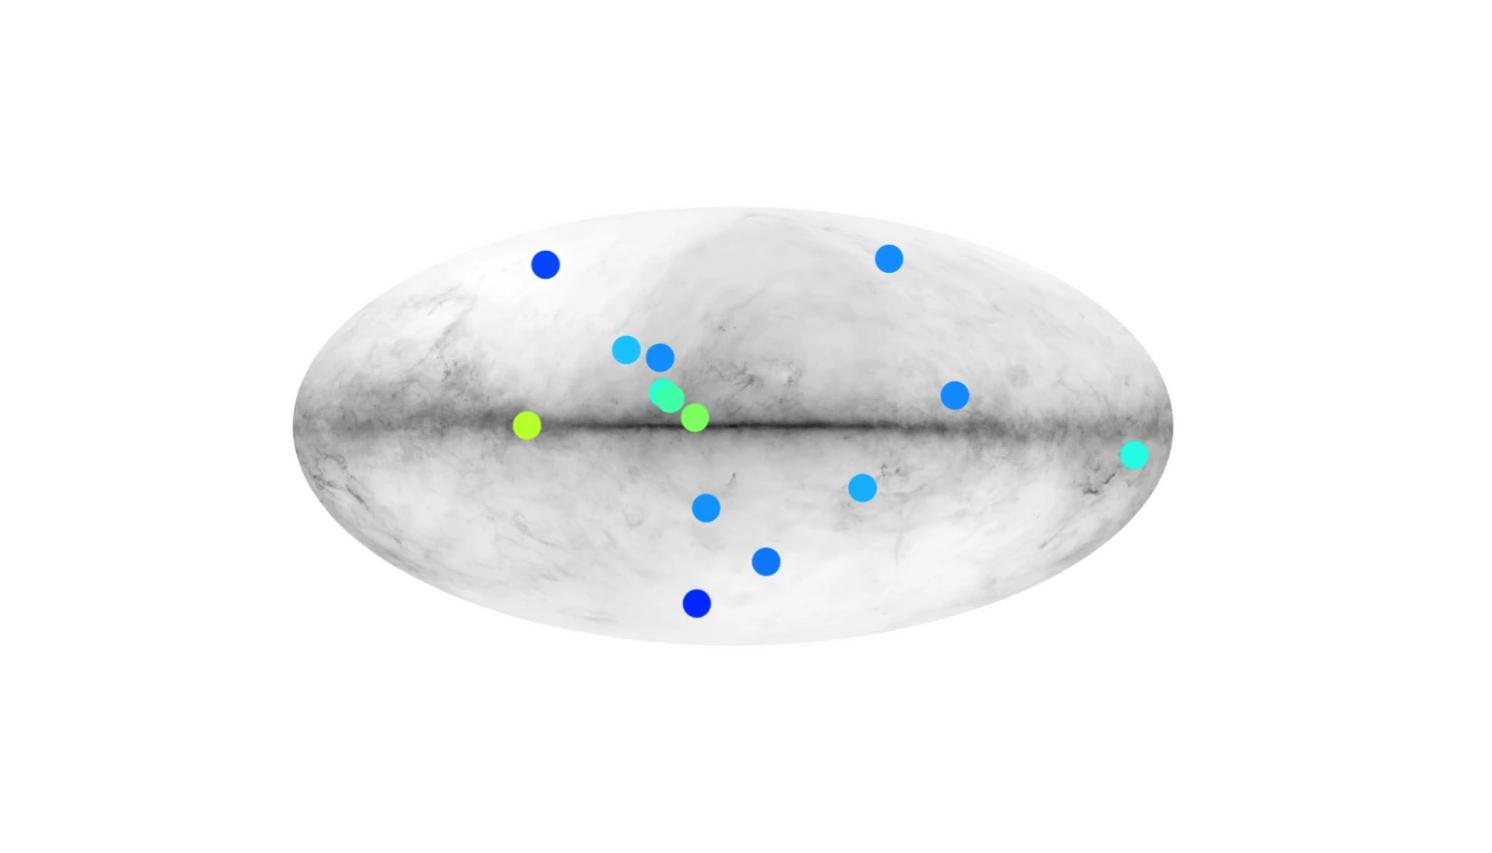 Вчені показали карту Чумацького Шляху, де можуть ховатися зірки з антиматерії